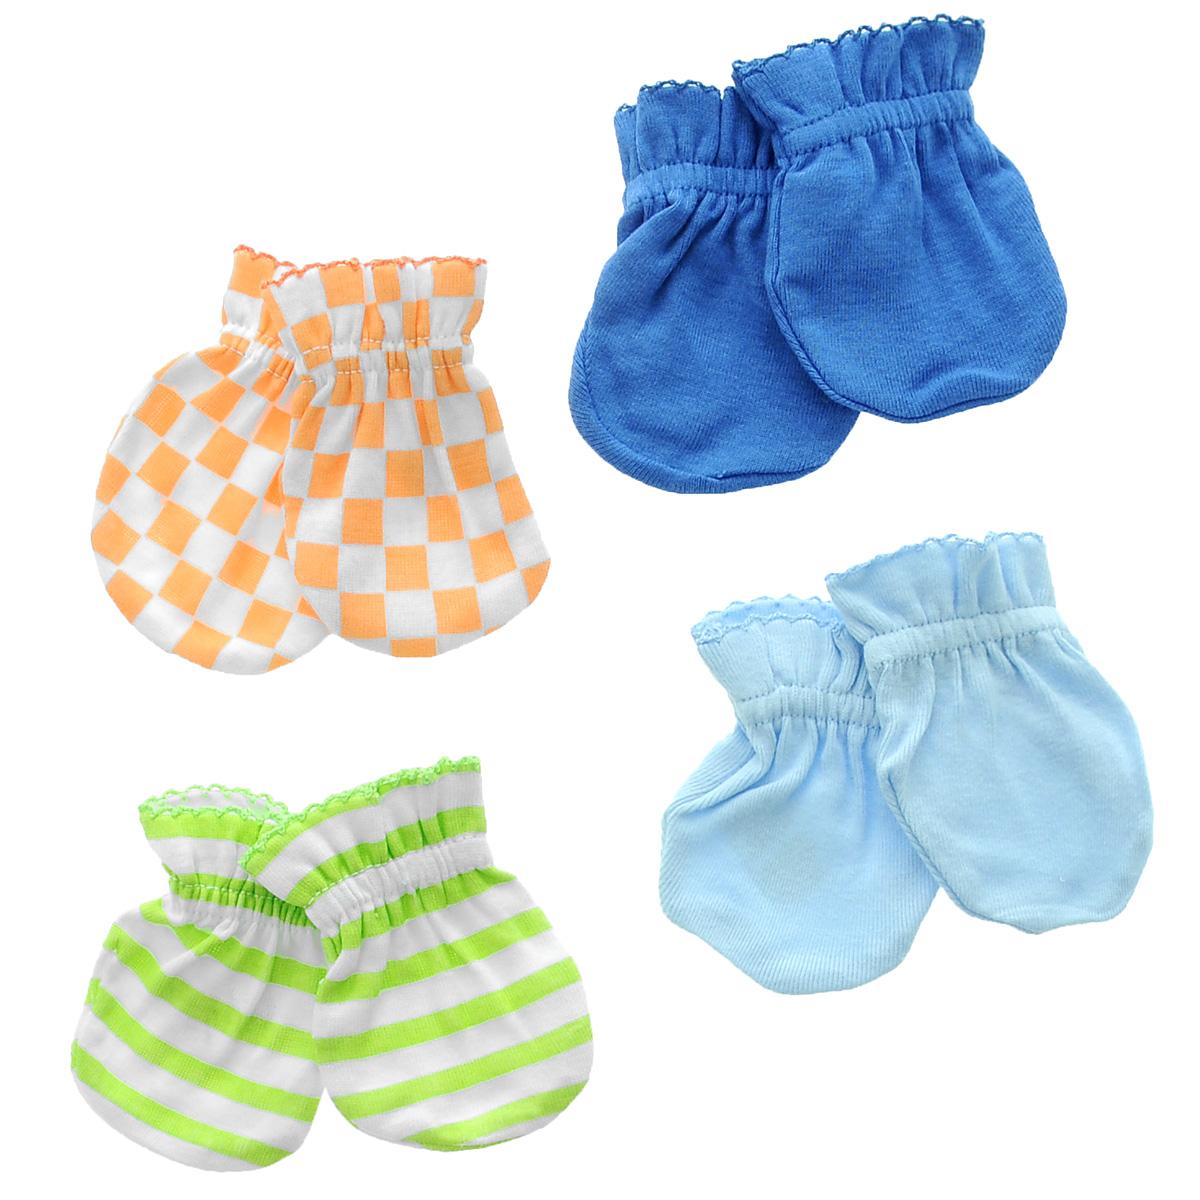 Варежки детские34705Рукавички для новорожденного Luvable Friends Радуга, изготовленные из натурального хлопка, идеально подойдут вашему малышу и обеспечат ему комфорт во время сна и бодрствования, предохраняя нежную кожу новорожденного от расцарапывания. В комплект входят четыре пары рукавичек.